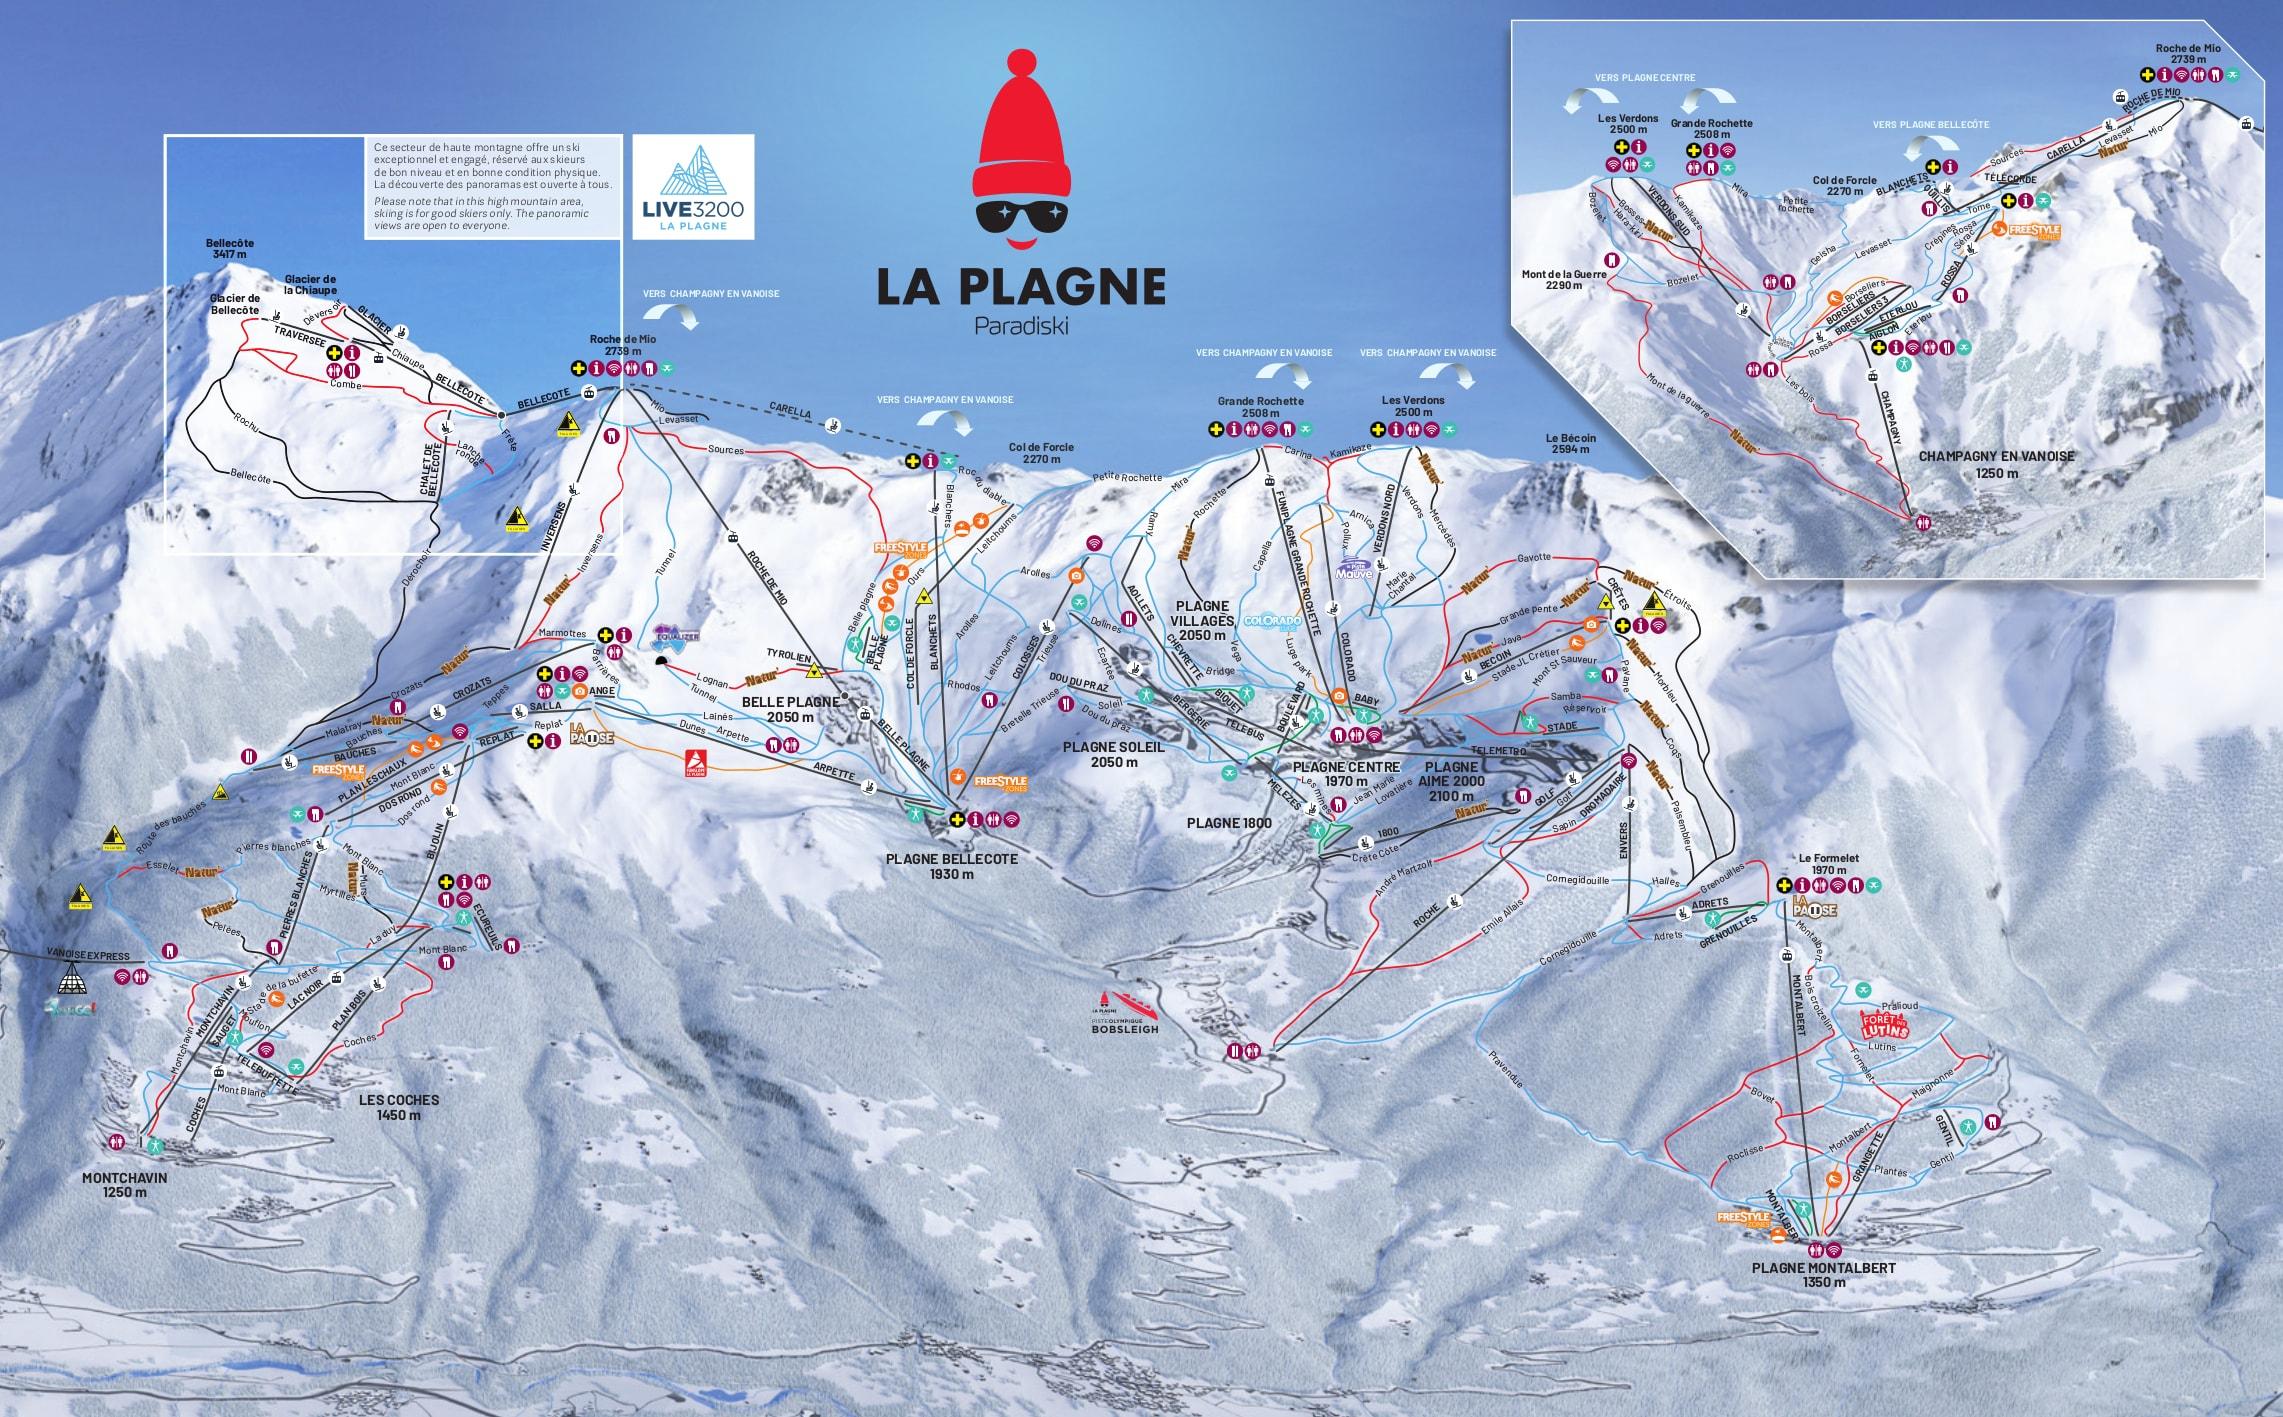 La Plagne Piste Map La Plagne Piste Map Free downloadable piste maps. La Plagne Piste Map